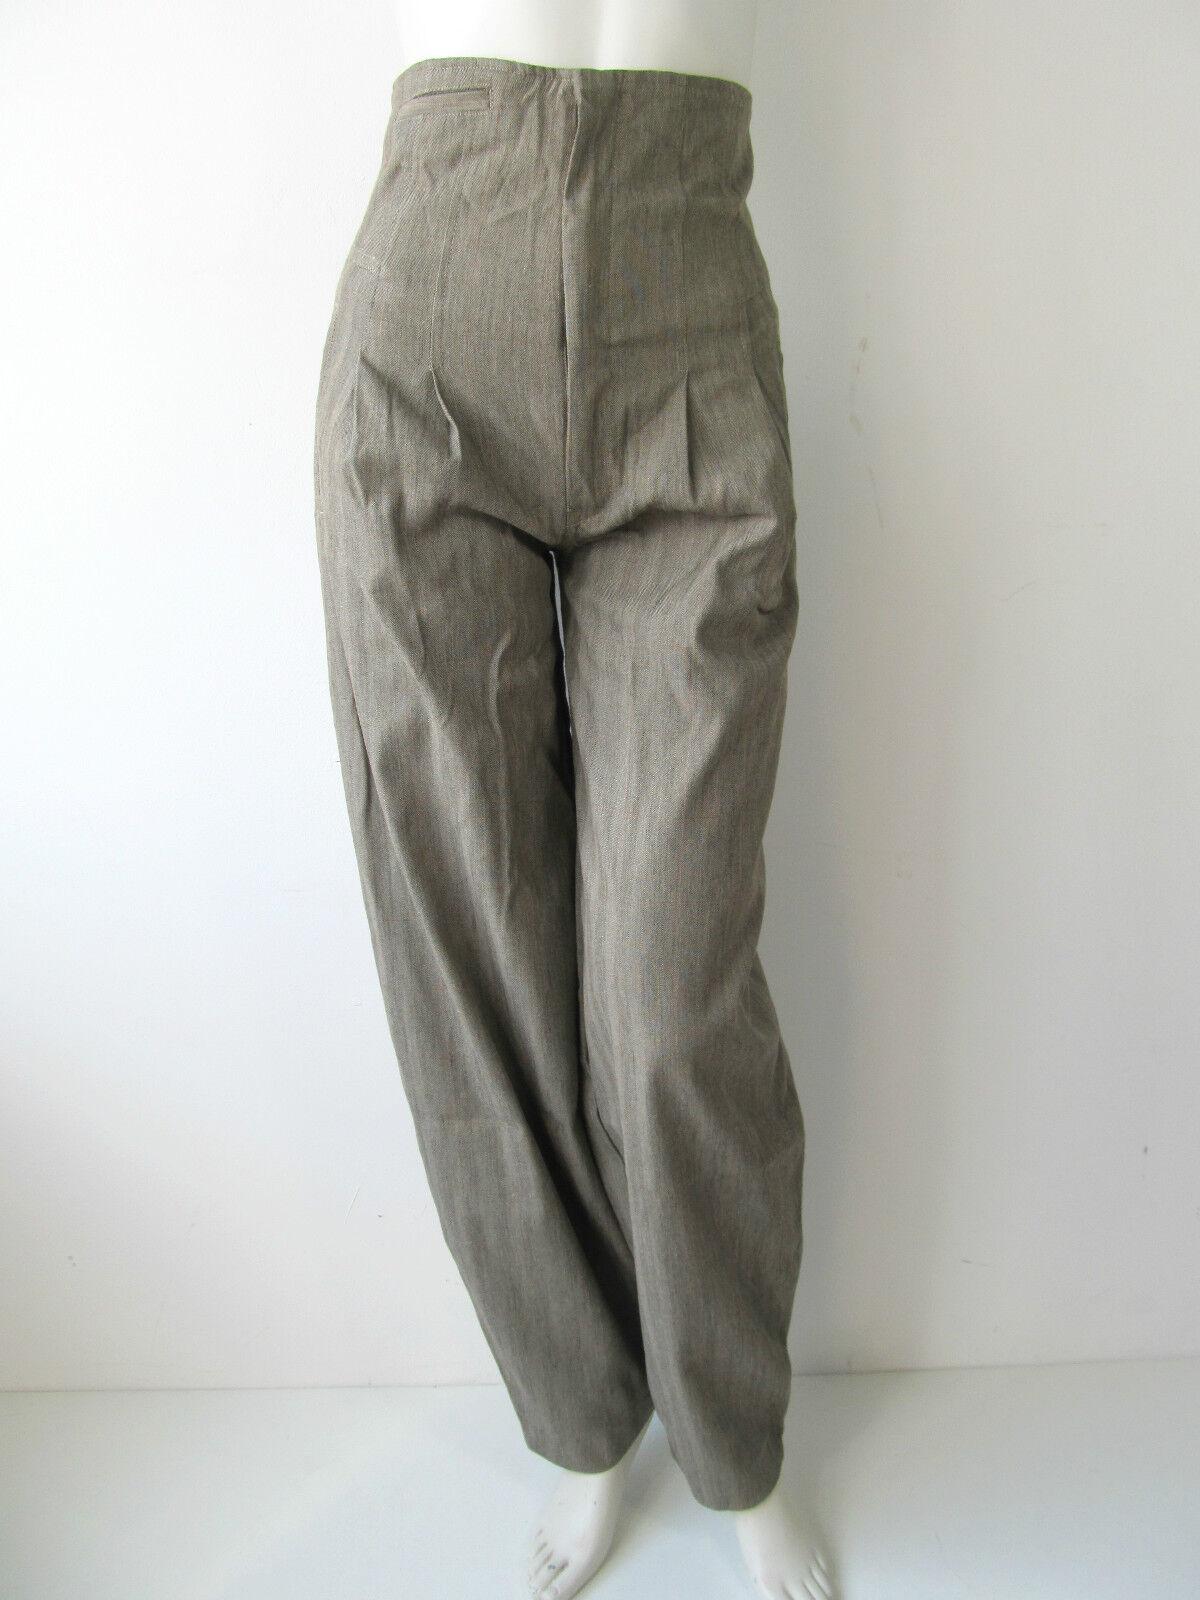 Diesel penasco Pantalon Jeans taillenhose hochschnitt NEUF 24 25